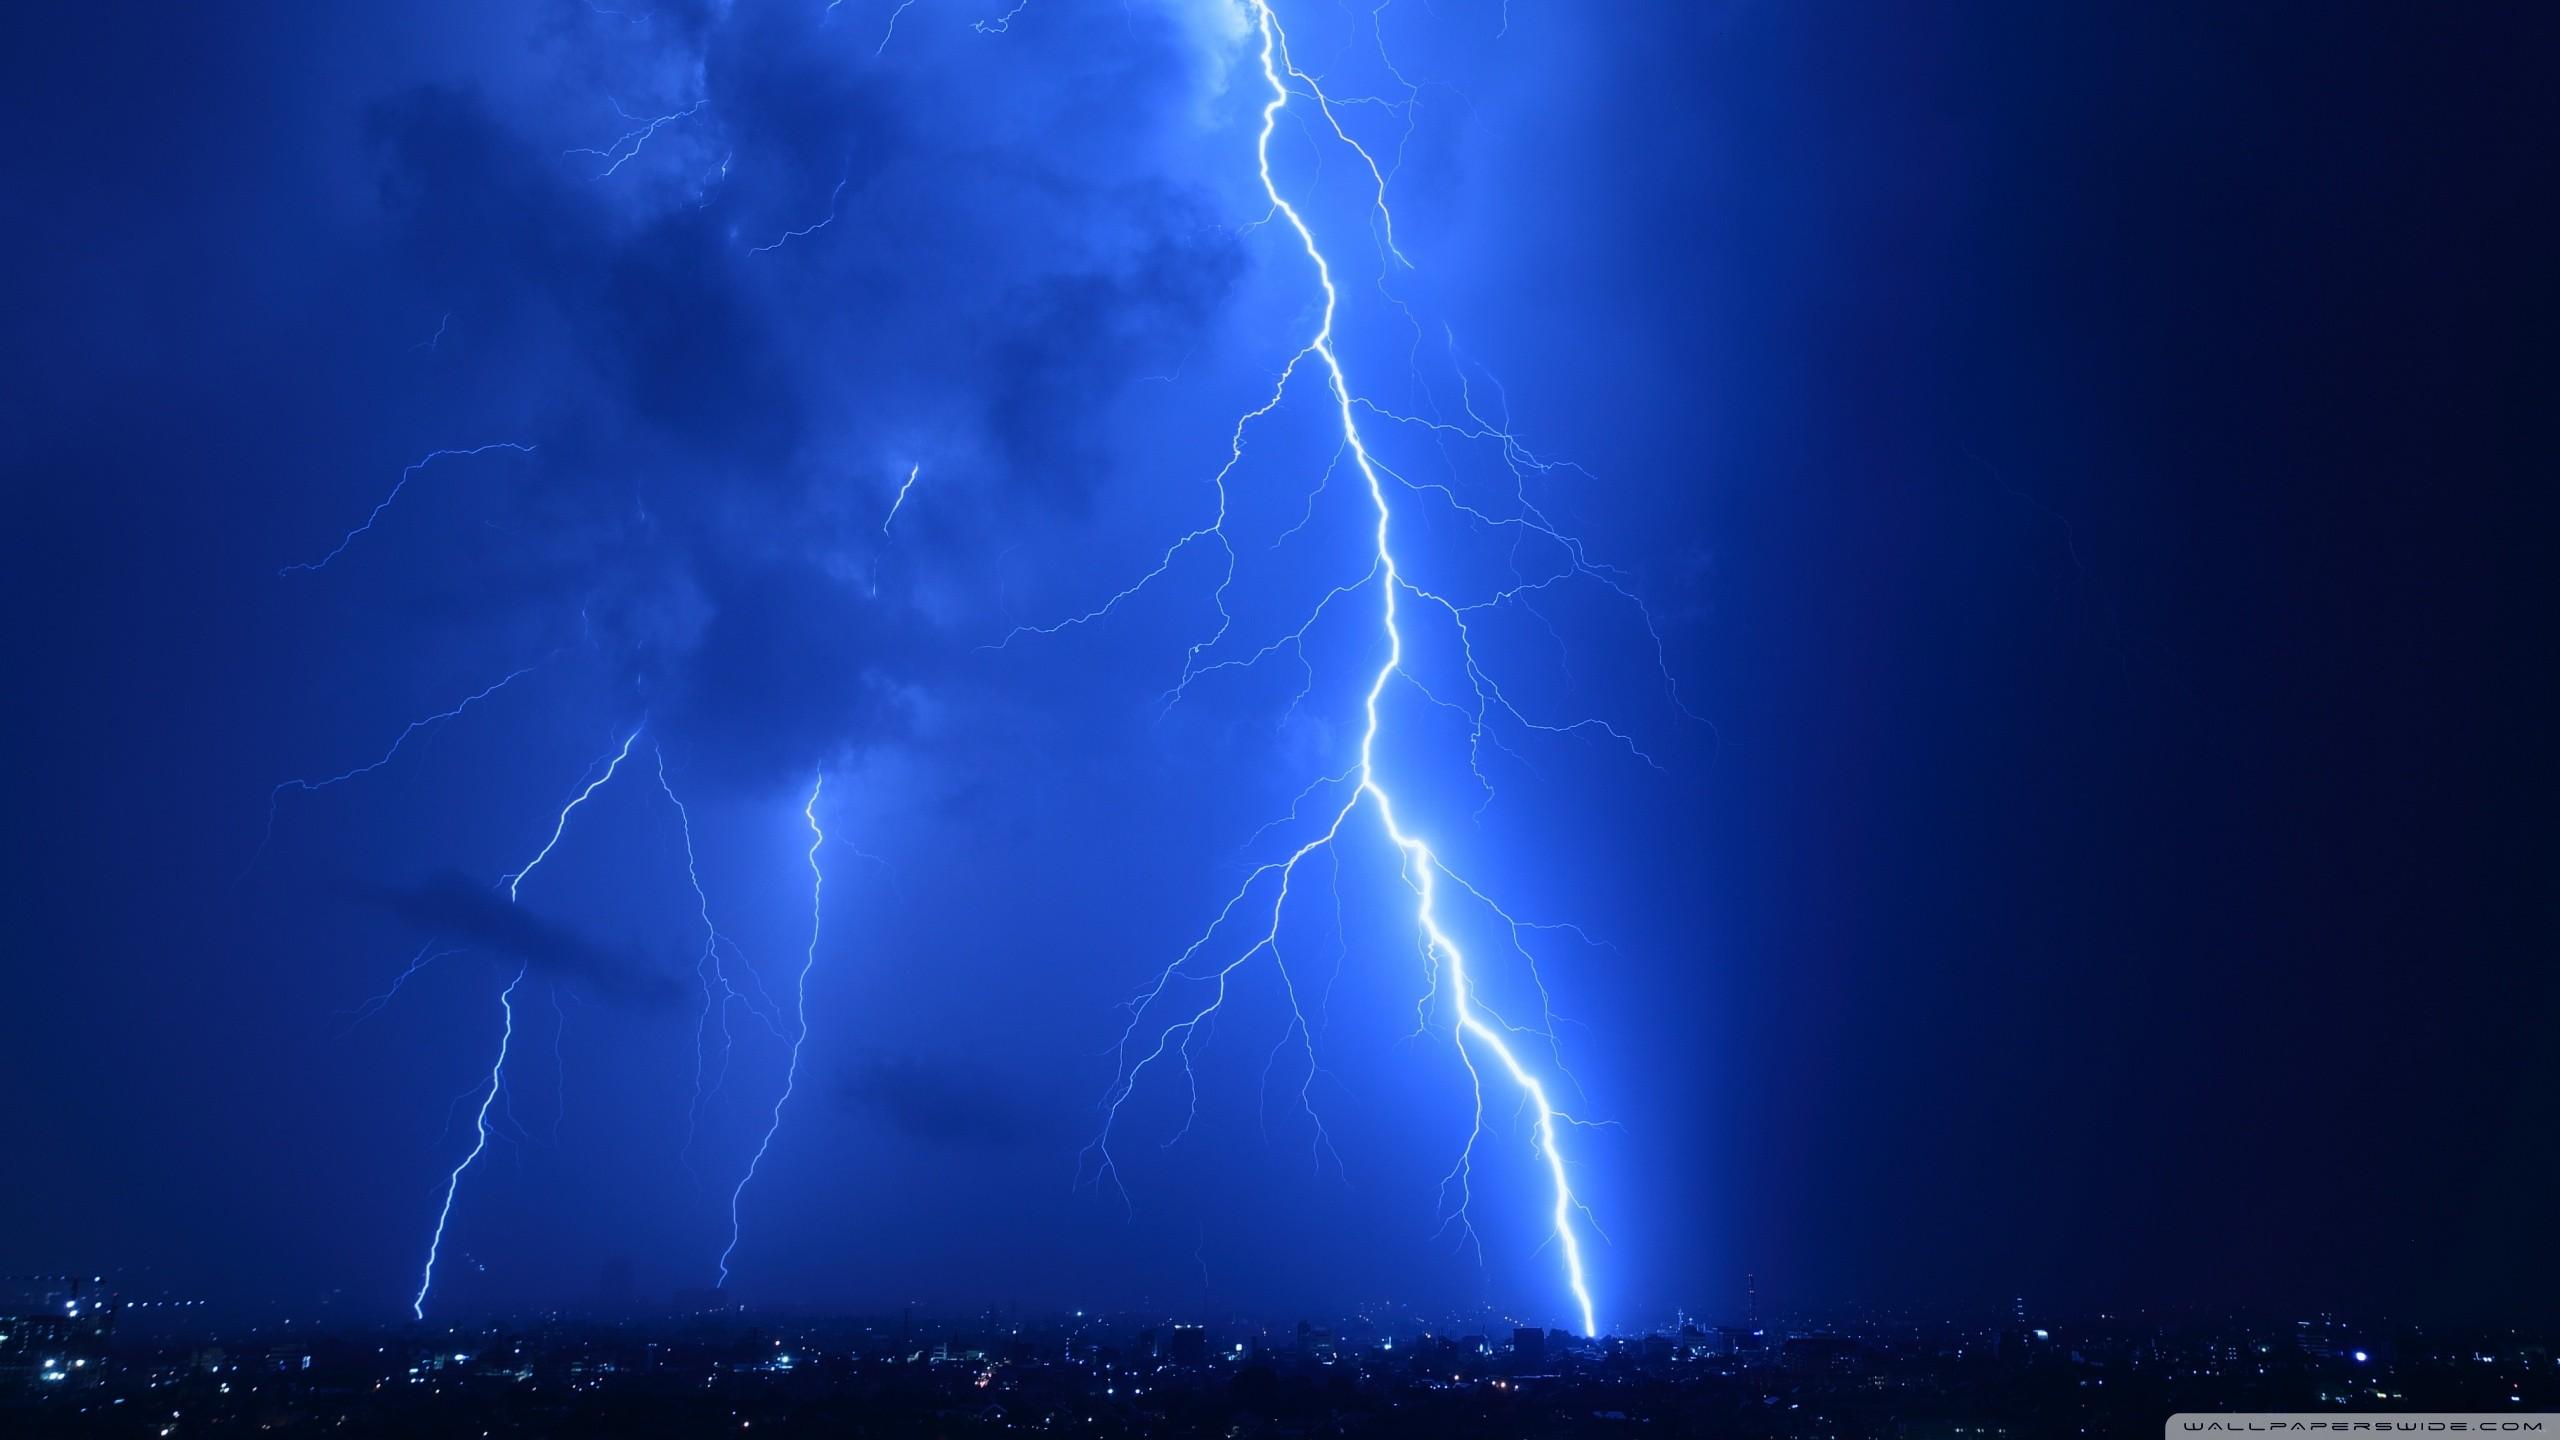 2000x1484 lightning strike wallpaper #588184